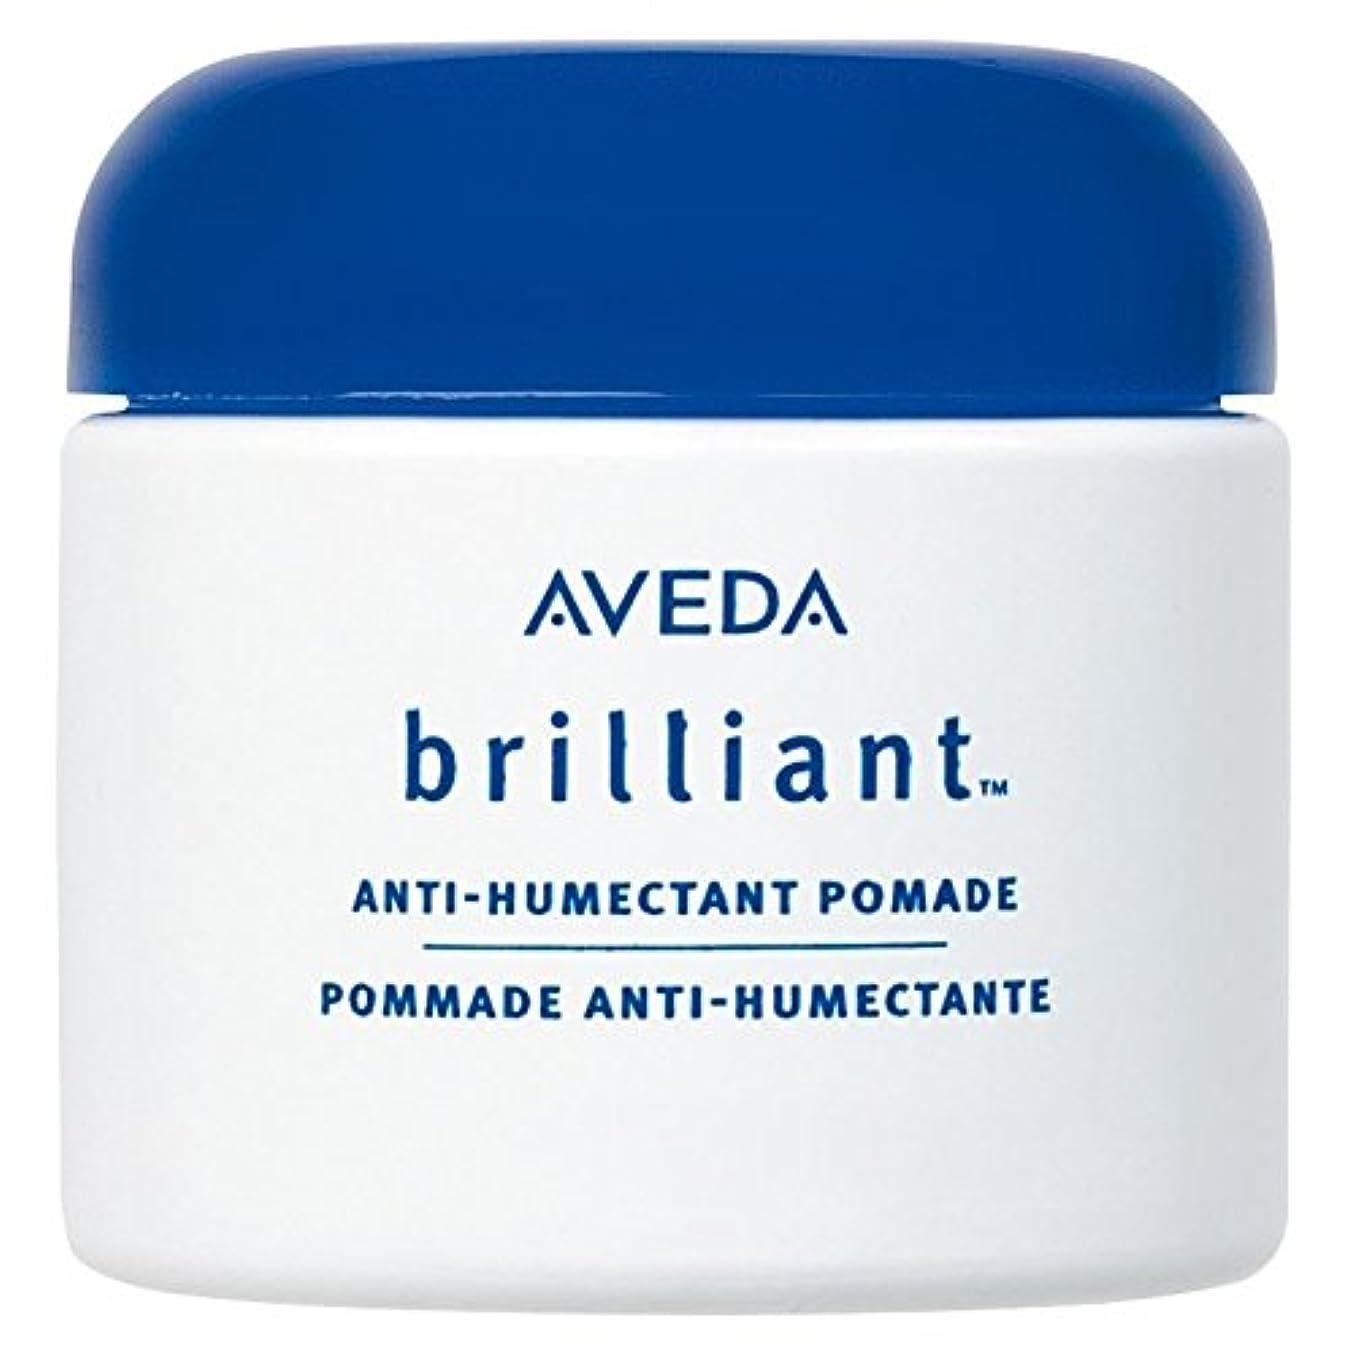 仲人反論者脱臼する[AVEDA] アヴェダ華麗な抗湿潤剤のポマードの75ミリリットル - Aveda Brilliant Anti-Humectant Pomade 75ml [並行輸入品]